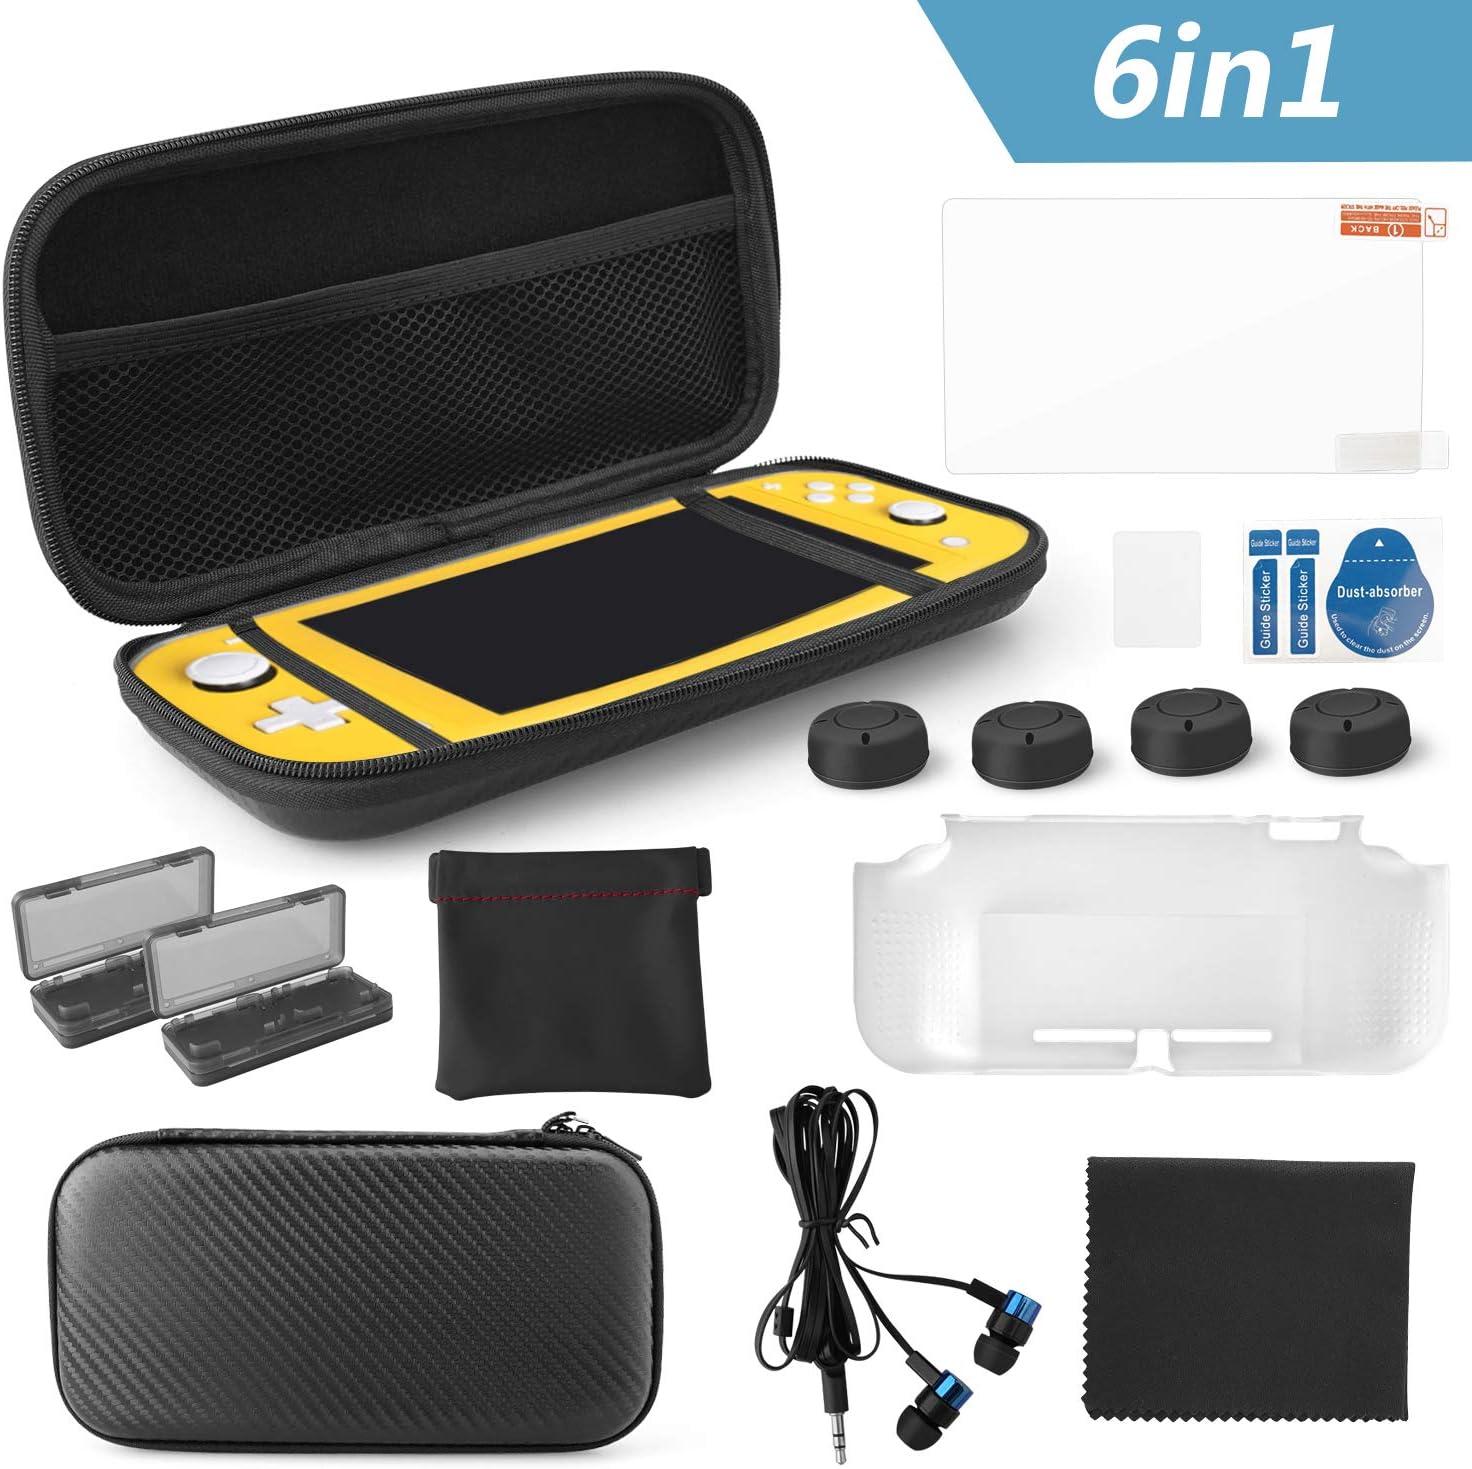 KONKY Kit de Accesorios 6 en 1 para Nintendo Switch Lite, Protección Funda EVA Estuche de Transporte, Protector de Pantalla HD, Tapas Empuñadura de Pulgar, Funda para tarjetas de Juego und Auriculares: